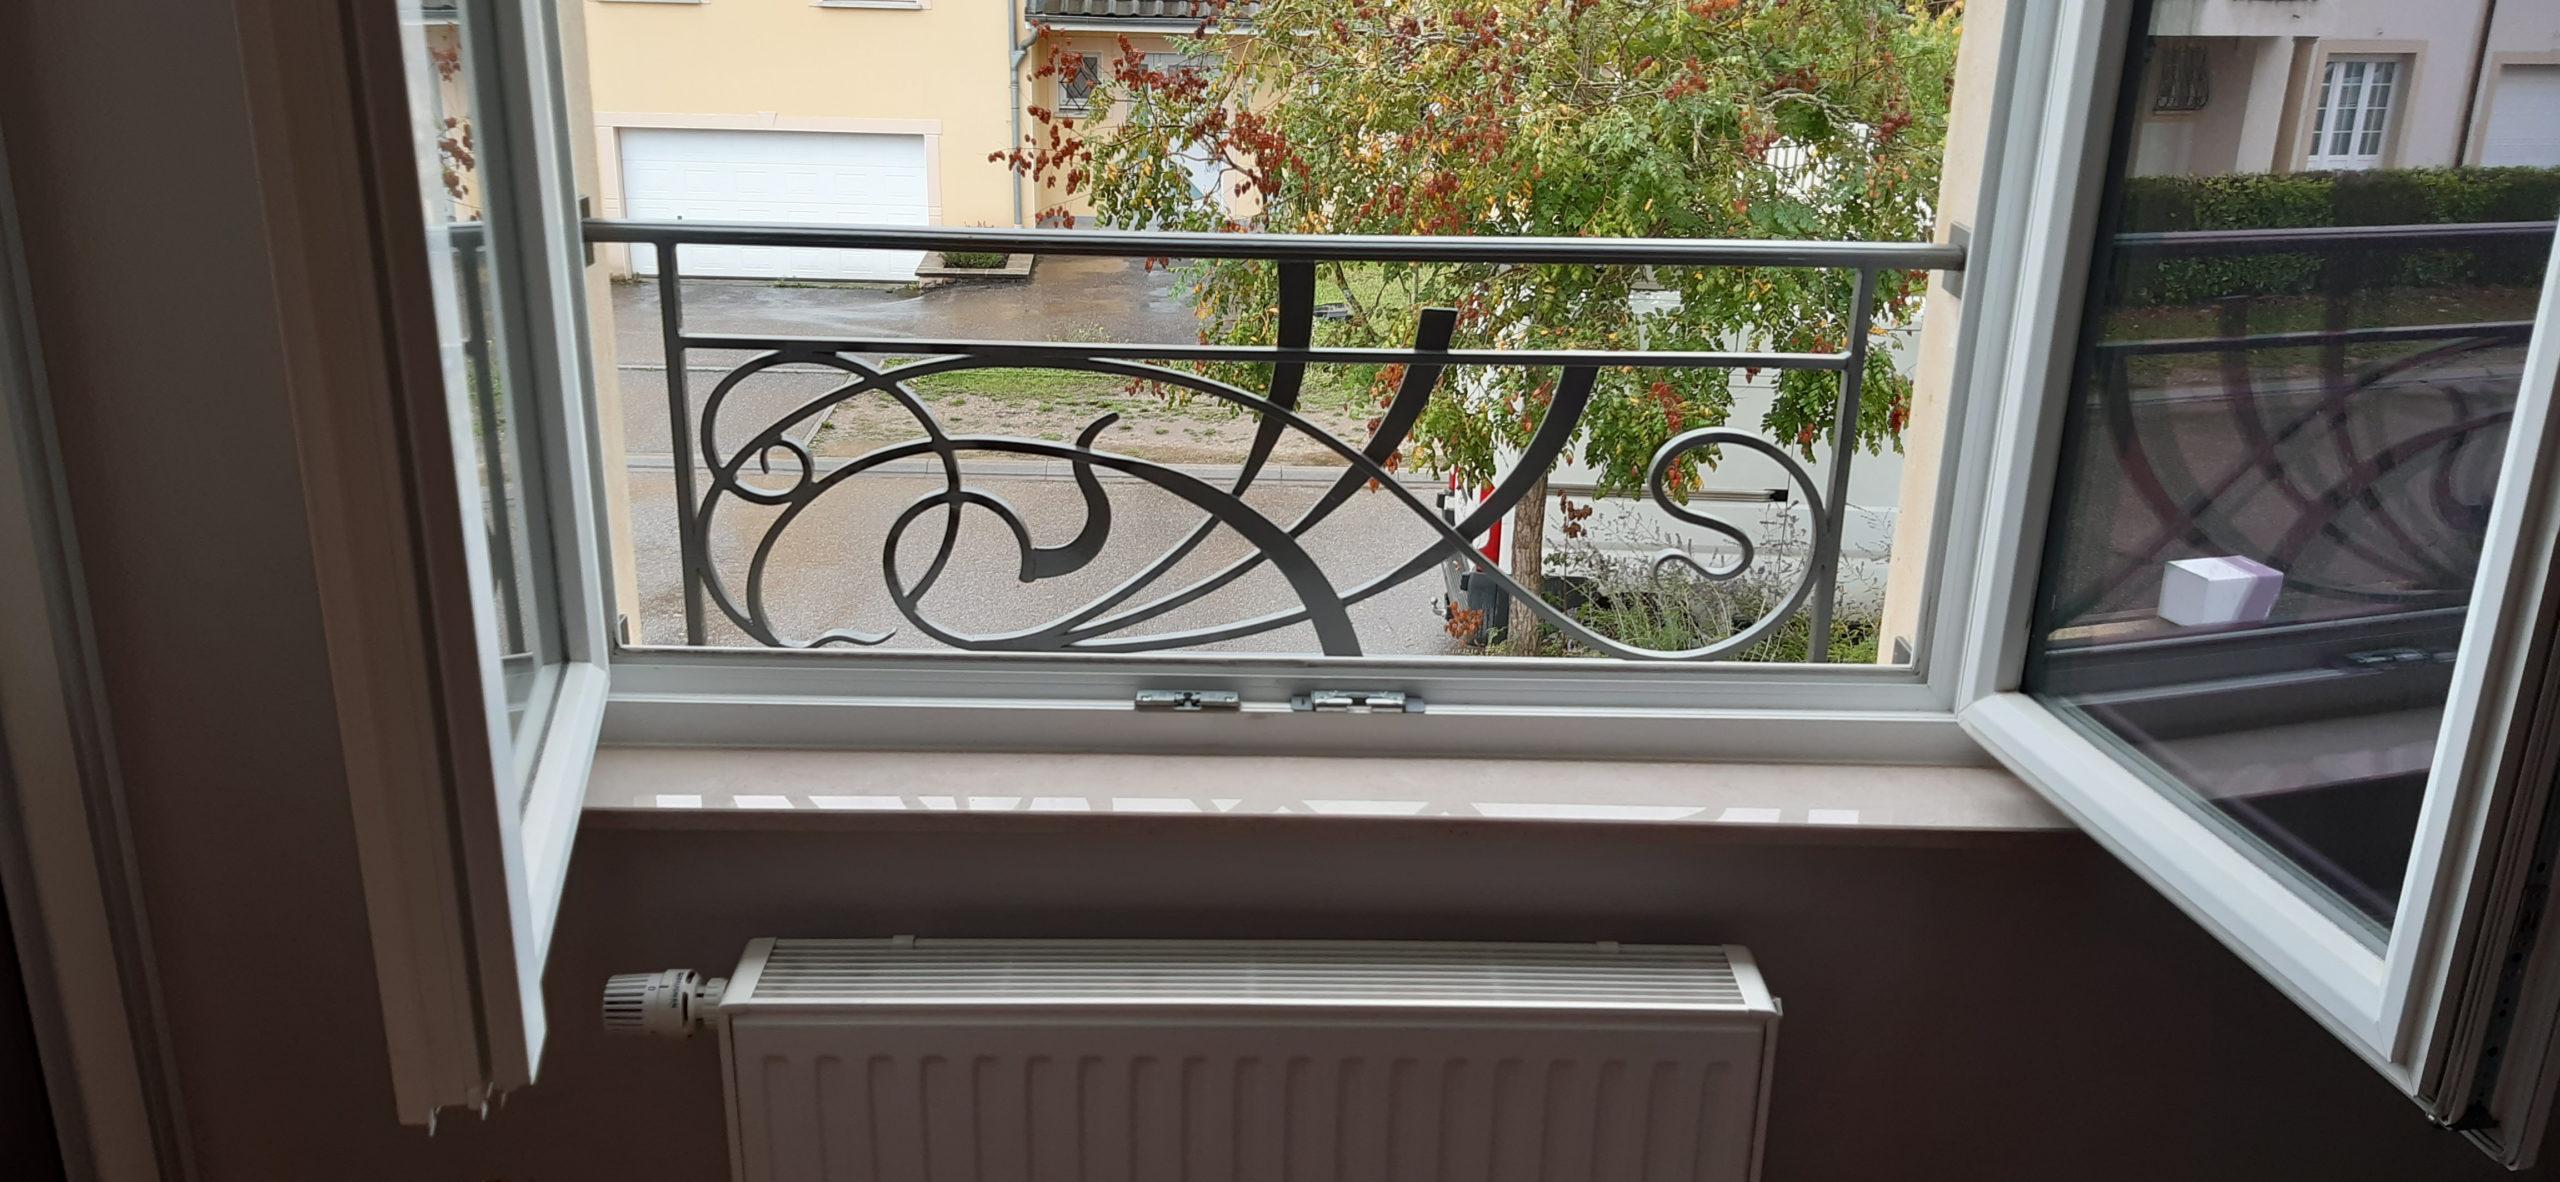 garde corps fenêtre; Remplissage avec des motifs forgés